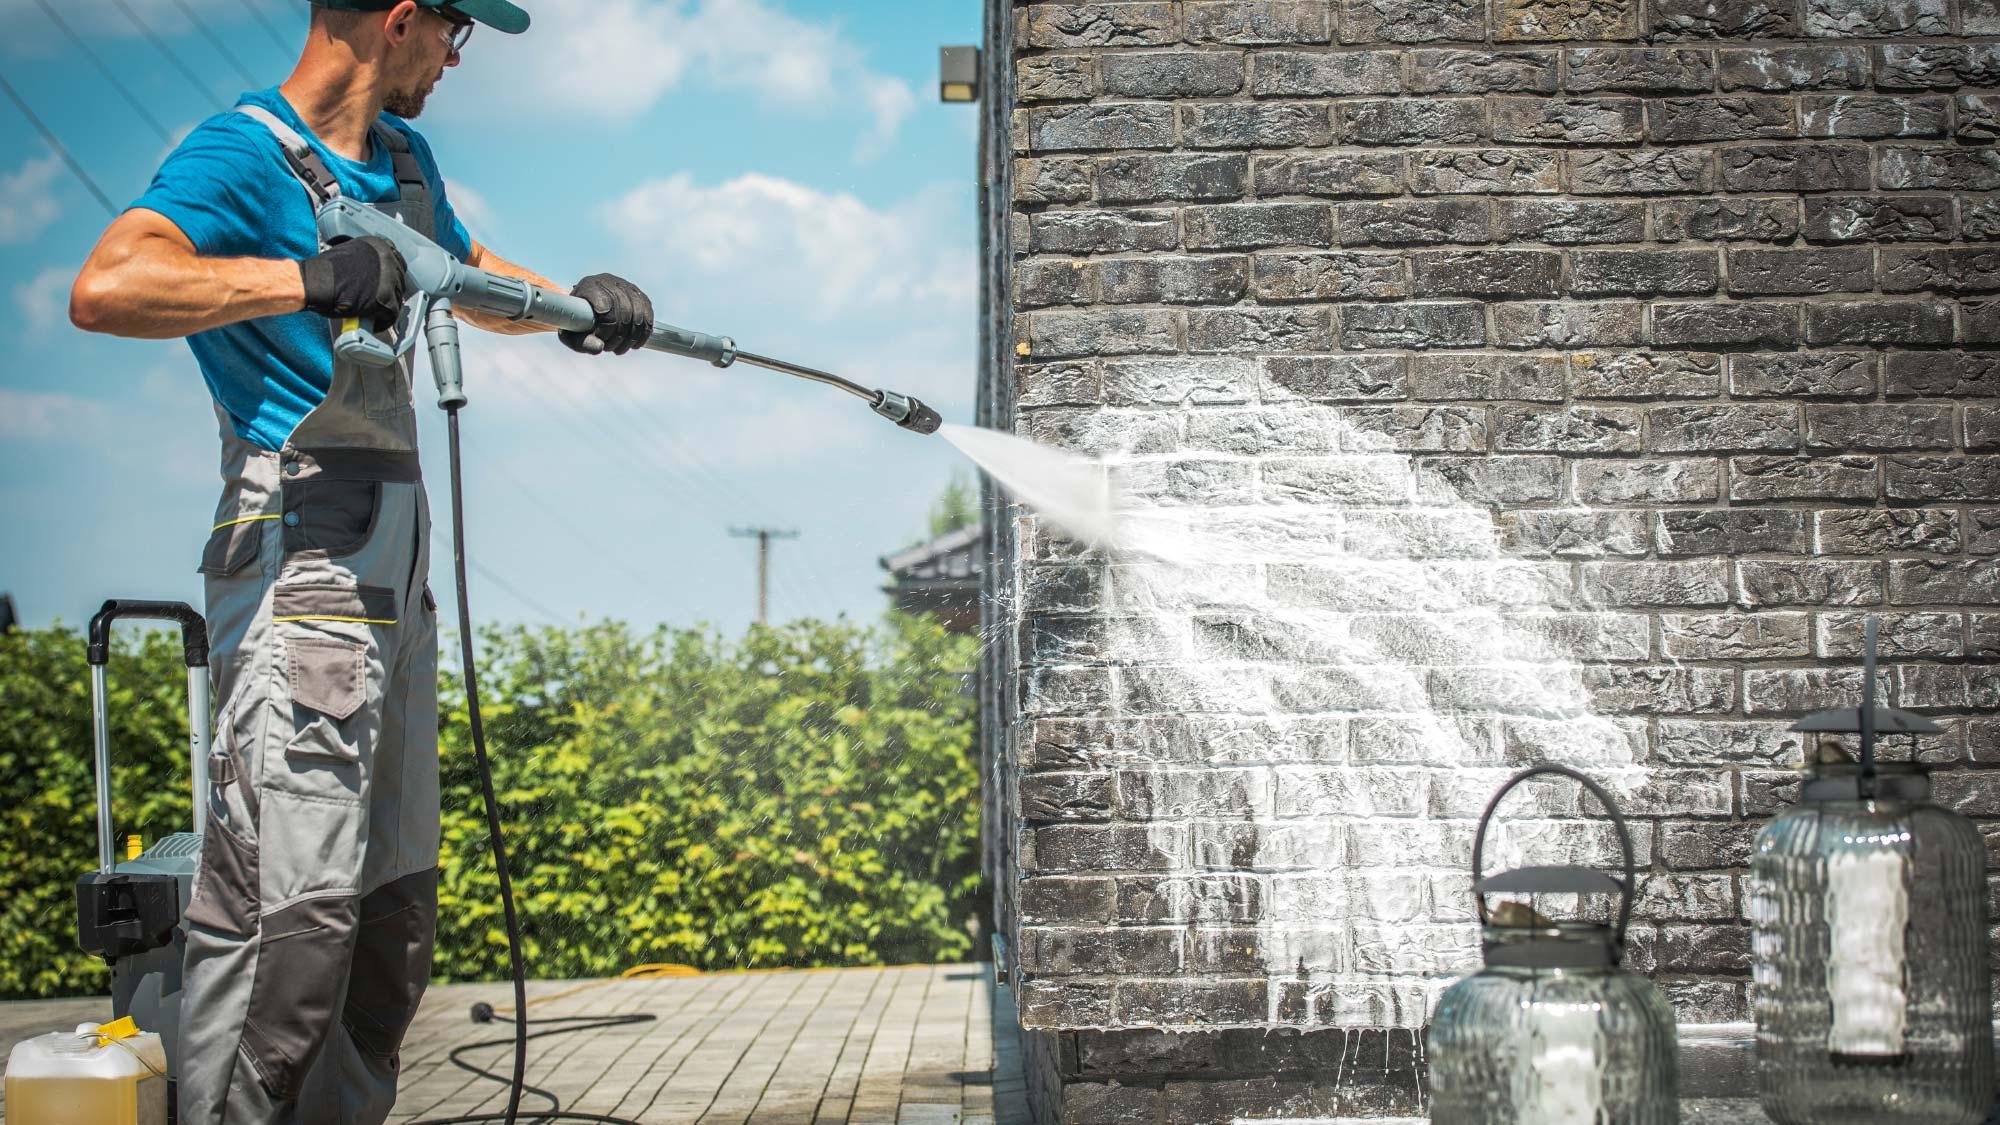 Pulire facilmente esterni, attrezzature e arredi da giardino con le idropulitrici